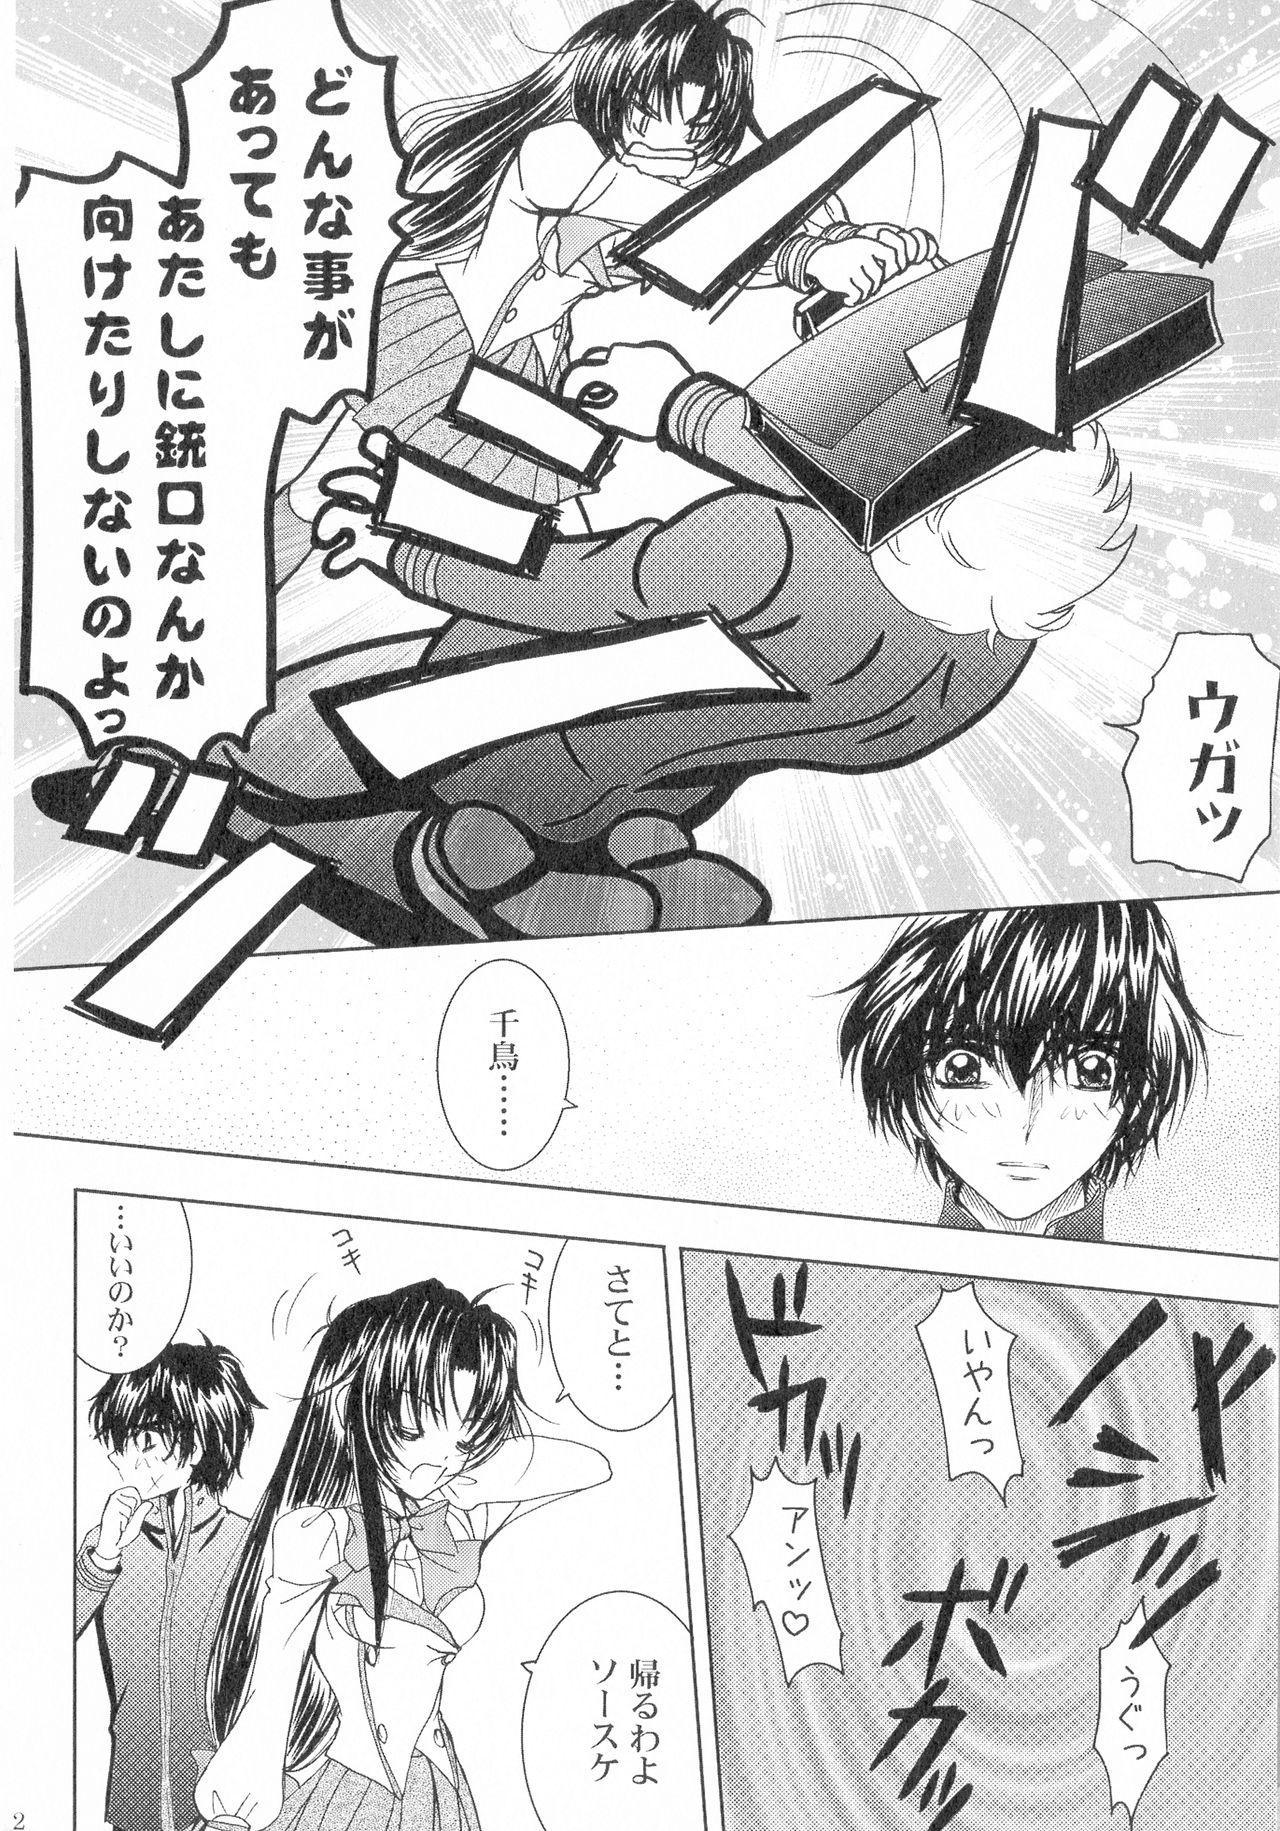 SEXY PANIC Sairokushuu Vol. 4 62